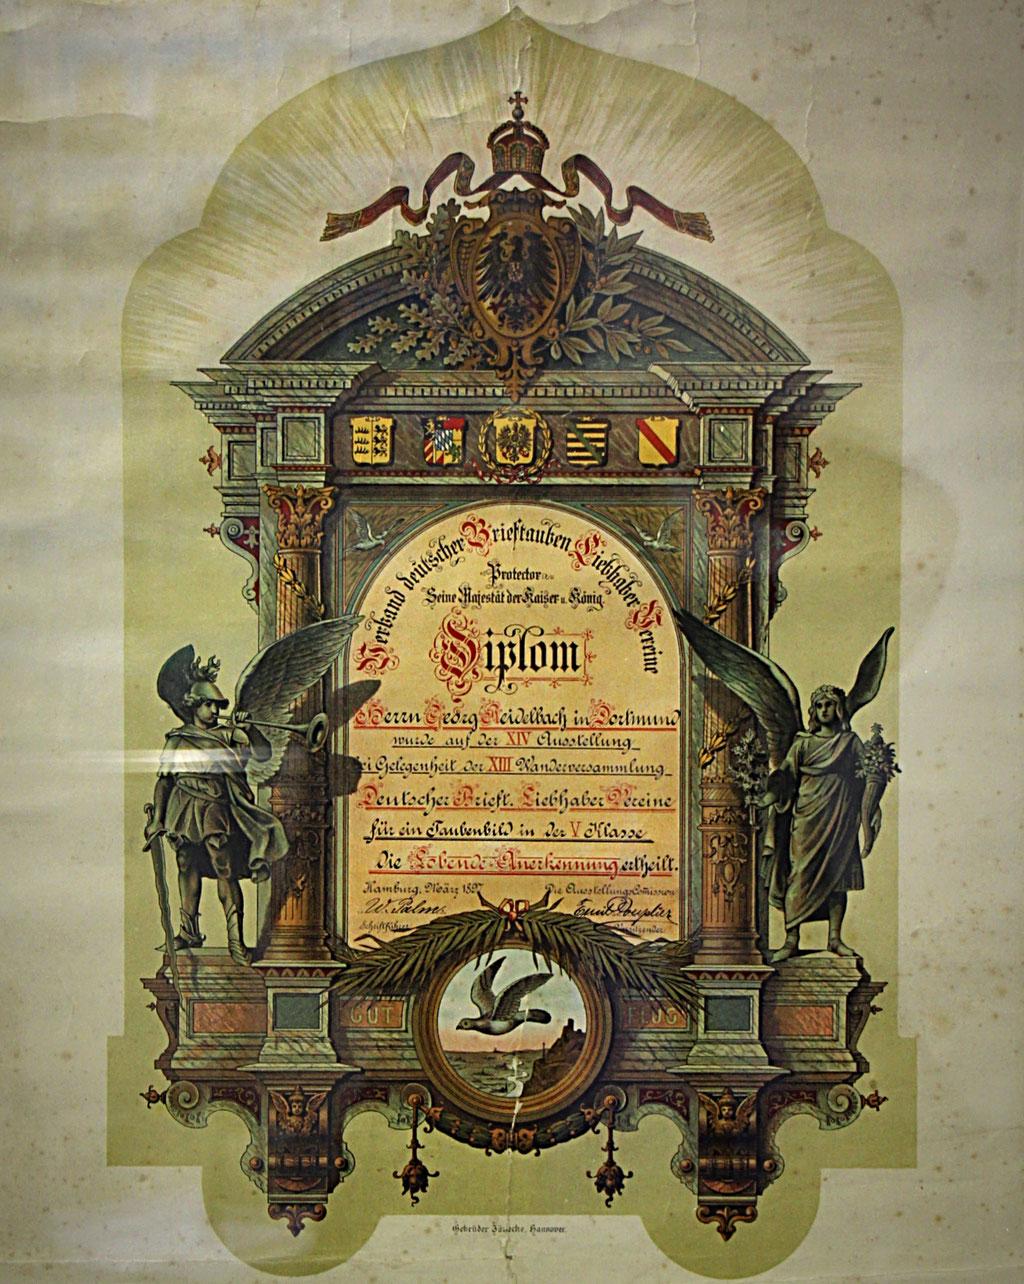 Auszeichnung des Verbandes dt. Brieftauben-Liebhaber-Vereine anläßlich der 14. Deutschen Brieftauben-Ausstellung 1897